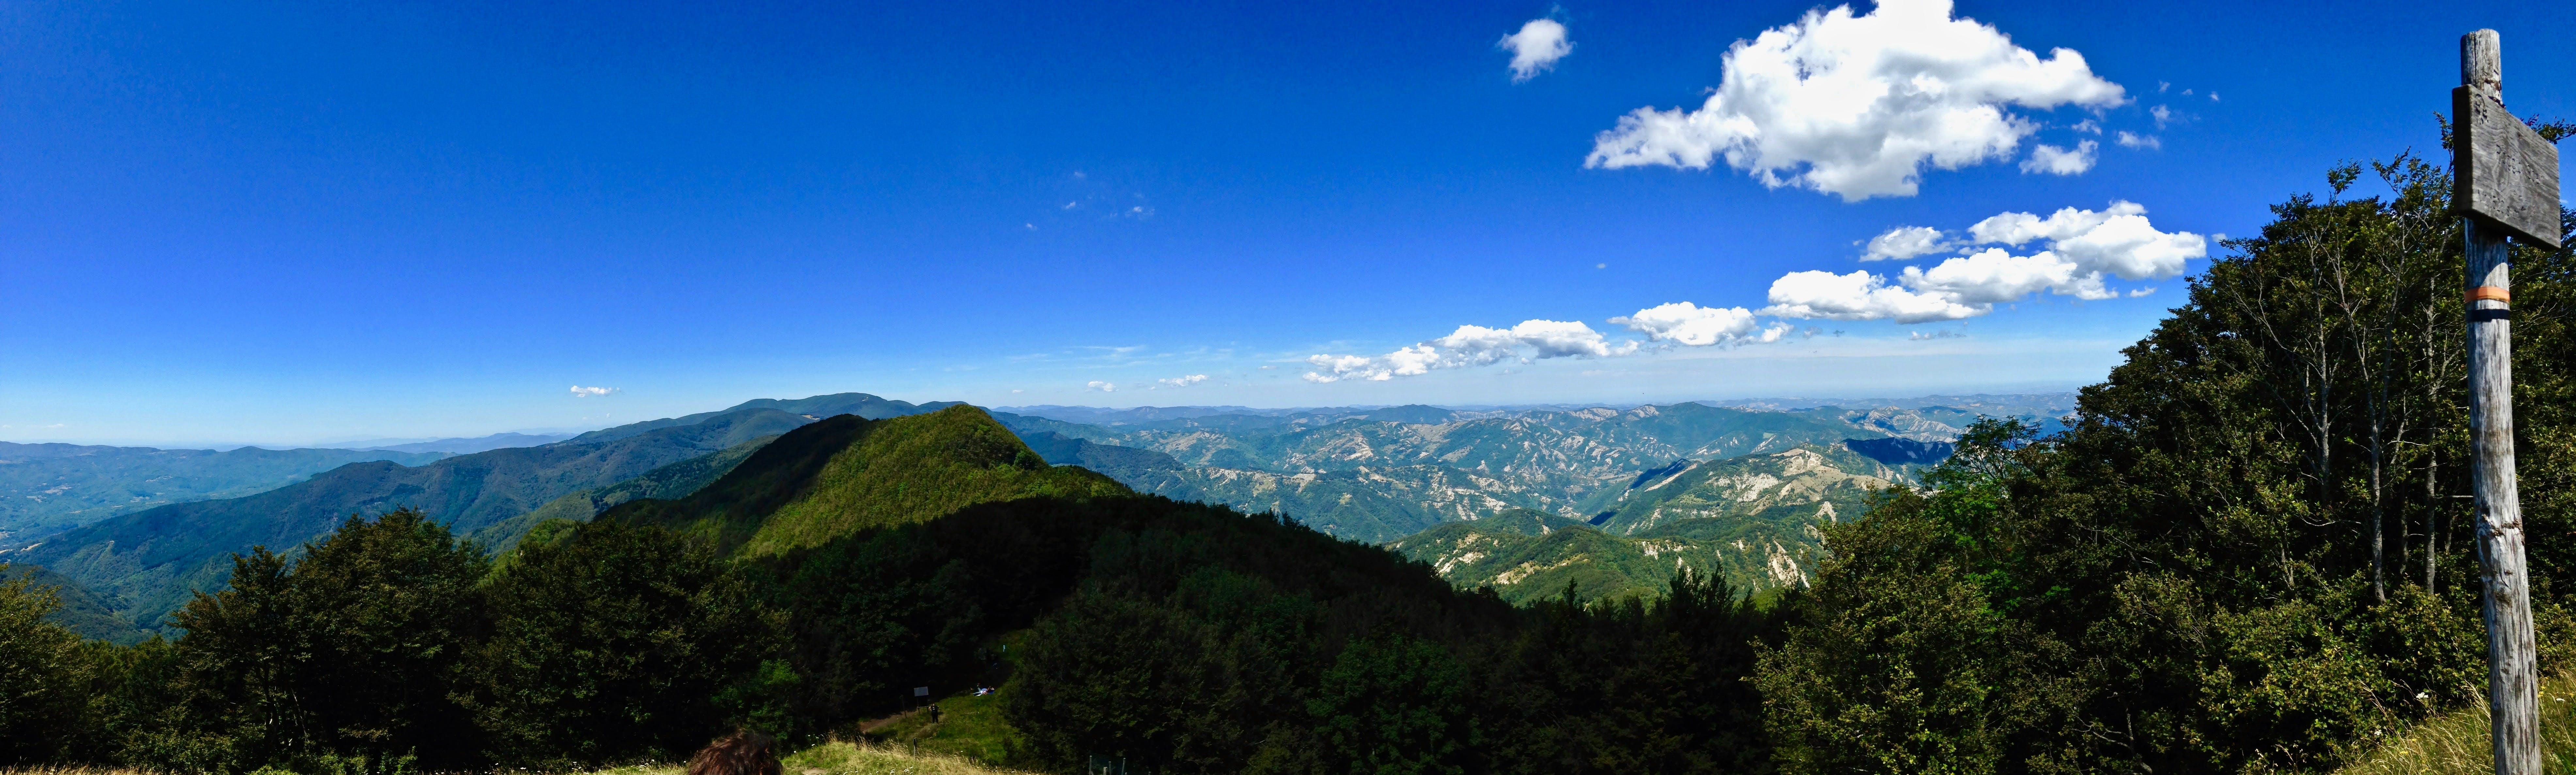 Free stock photo of falterona, green, italy, landscape